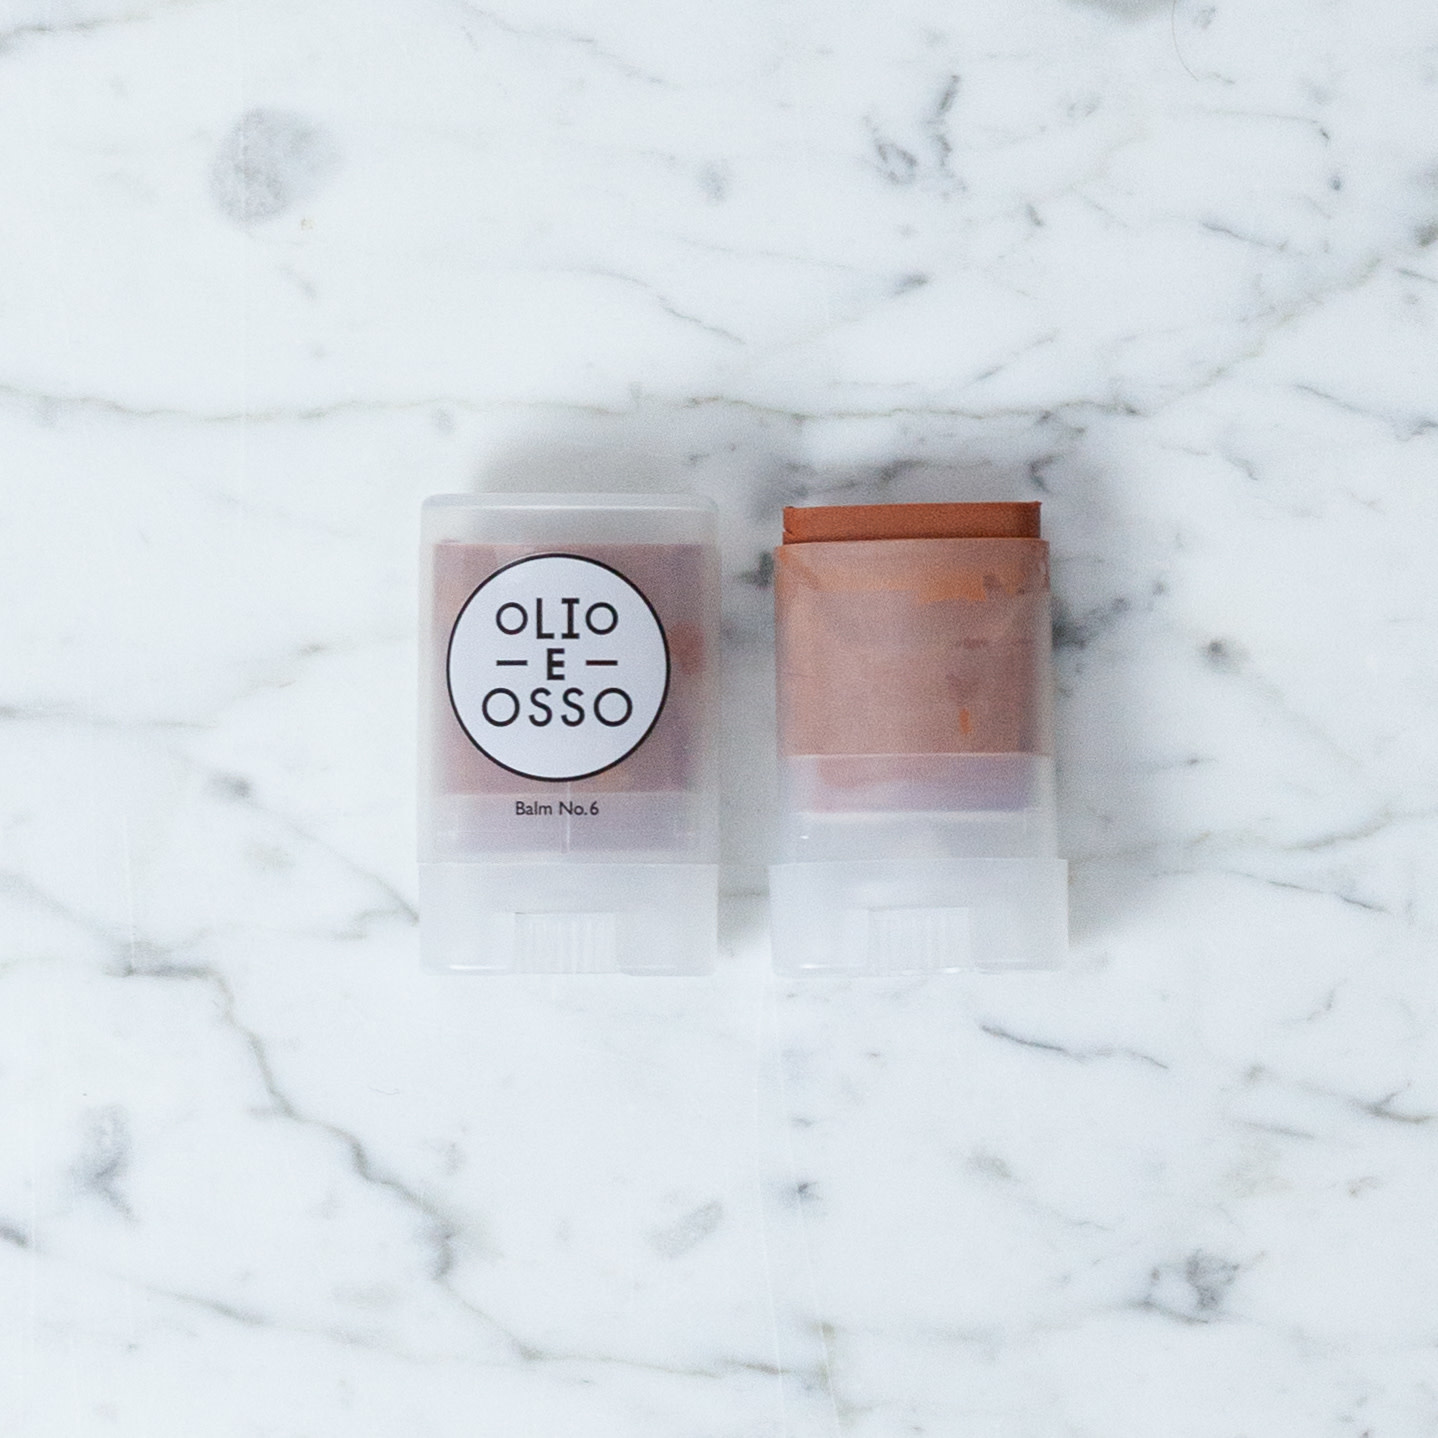 Olio e Osso No. 6 Bronze Balm Stick